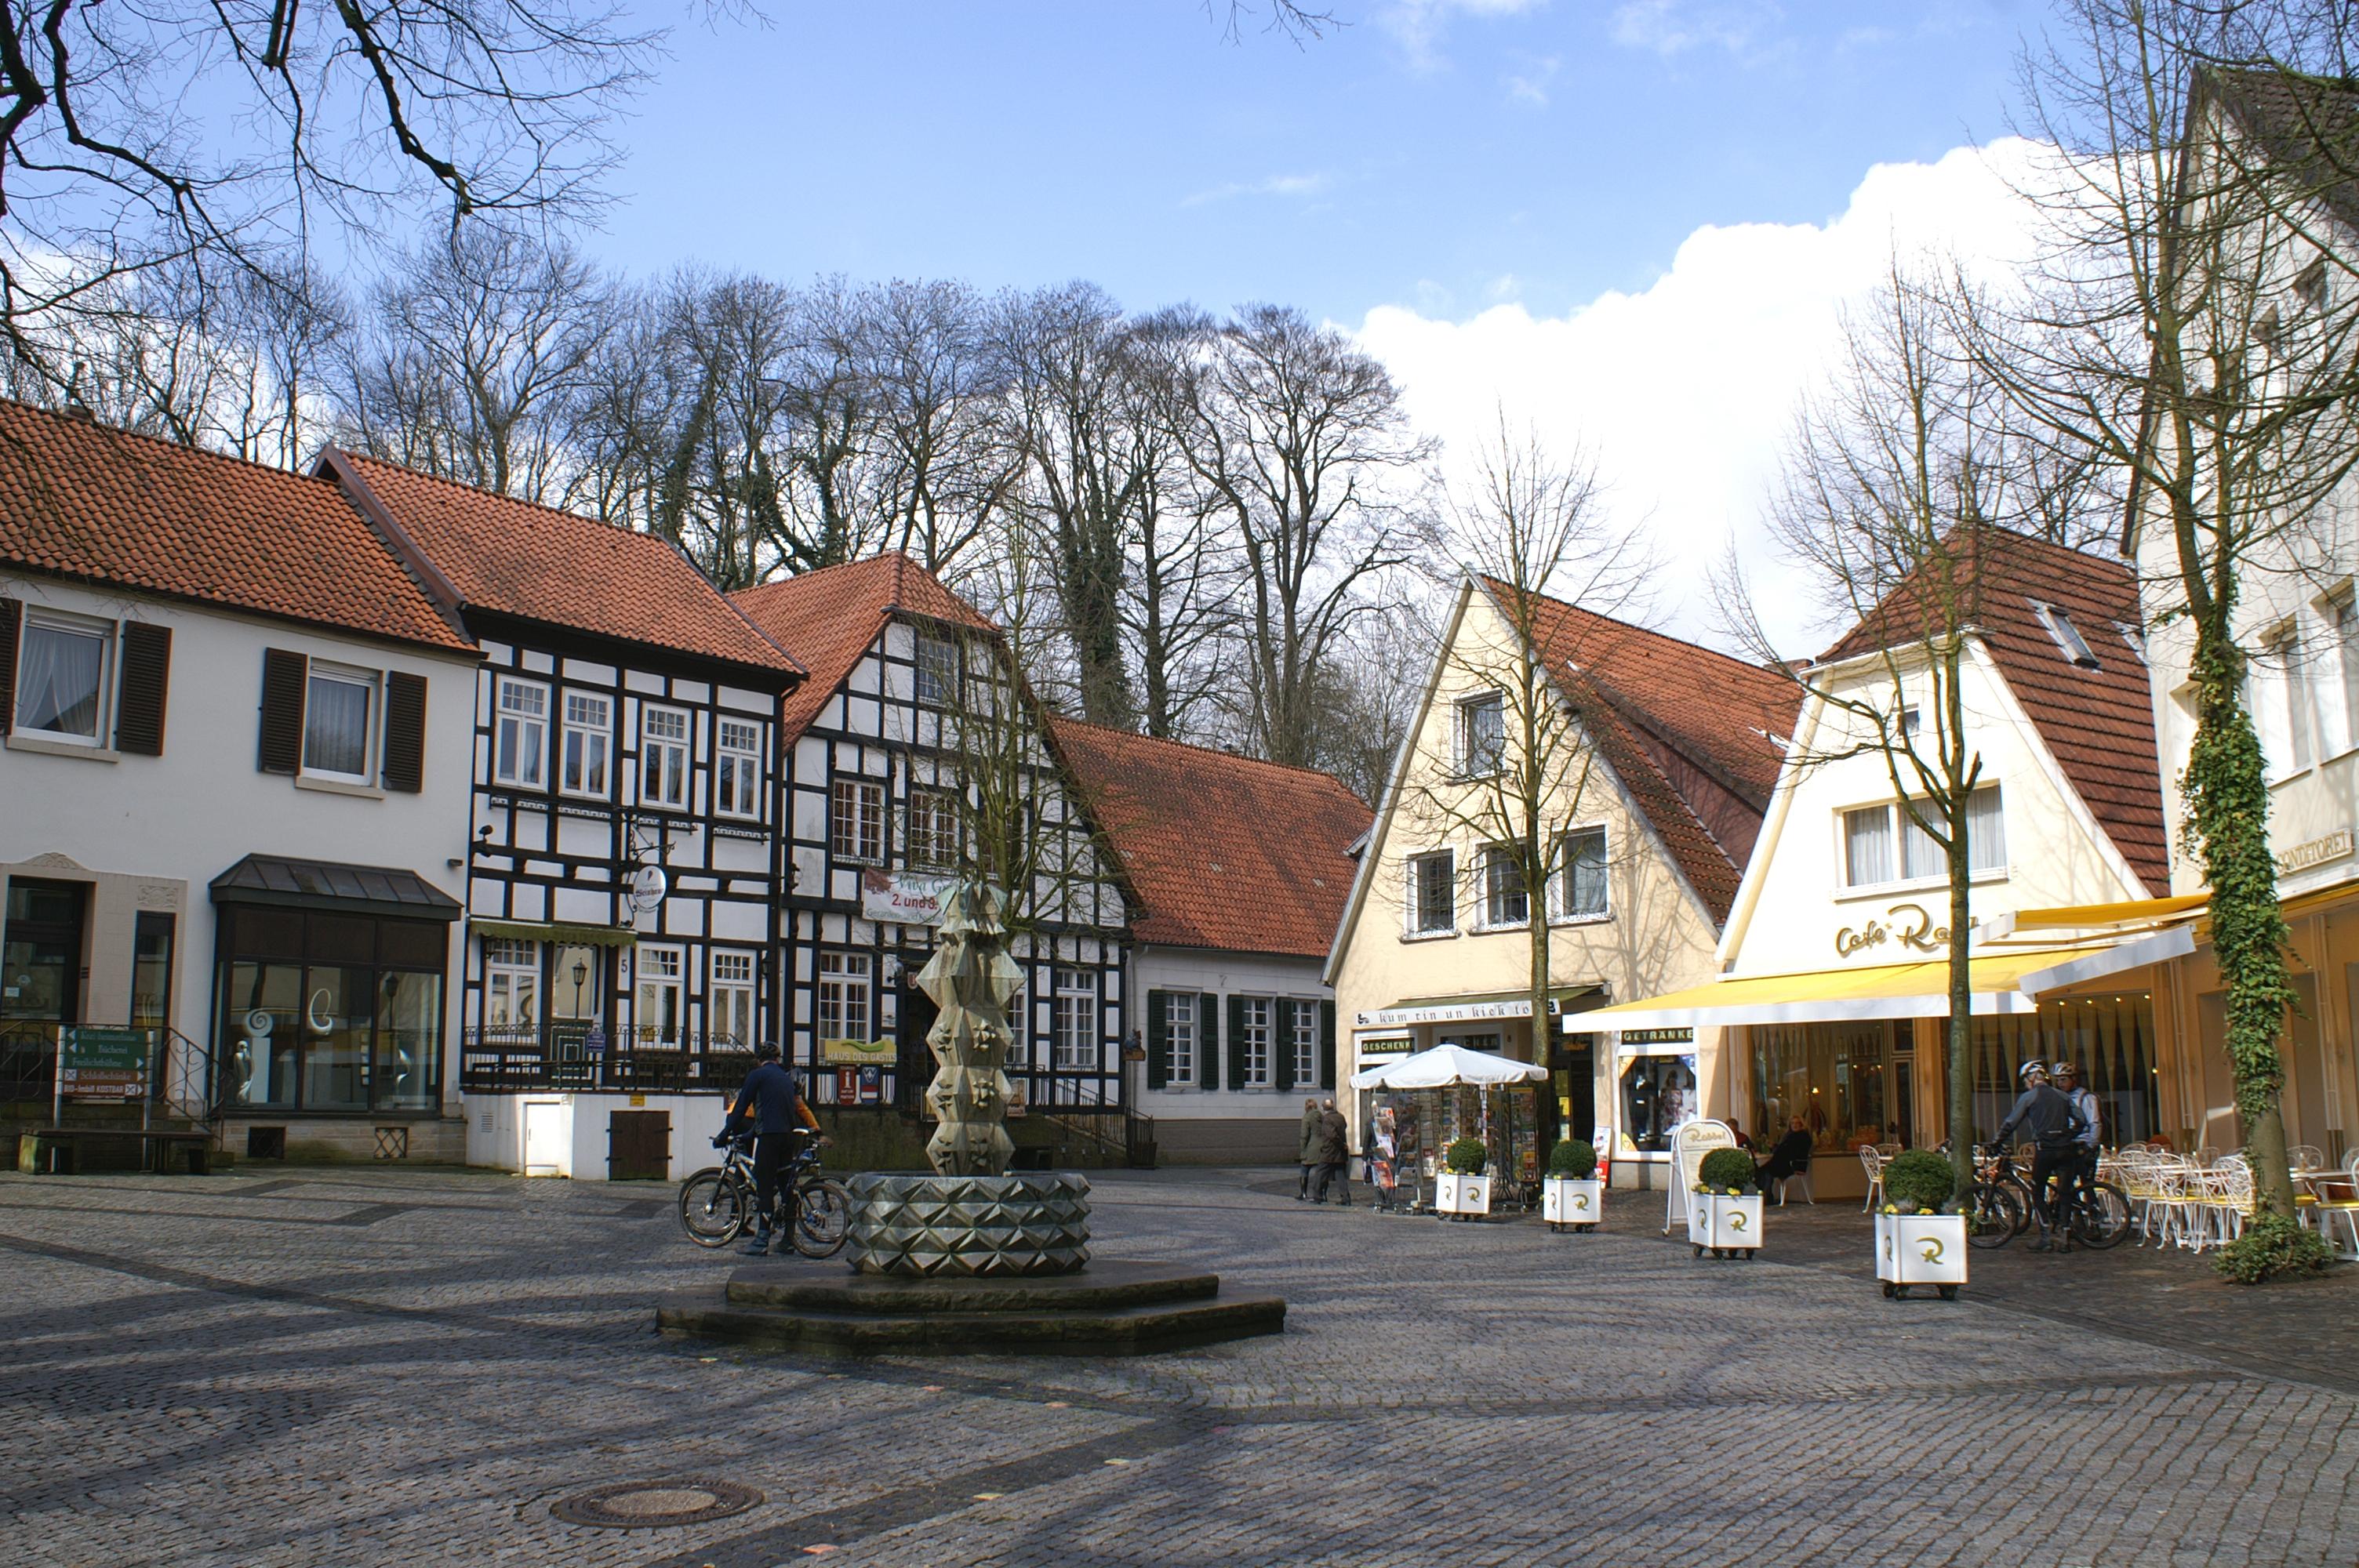 Cafe Rabbel Tecklenburg Brunch Preise